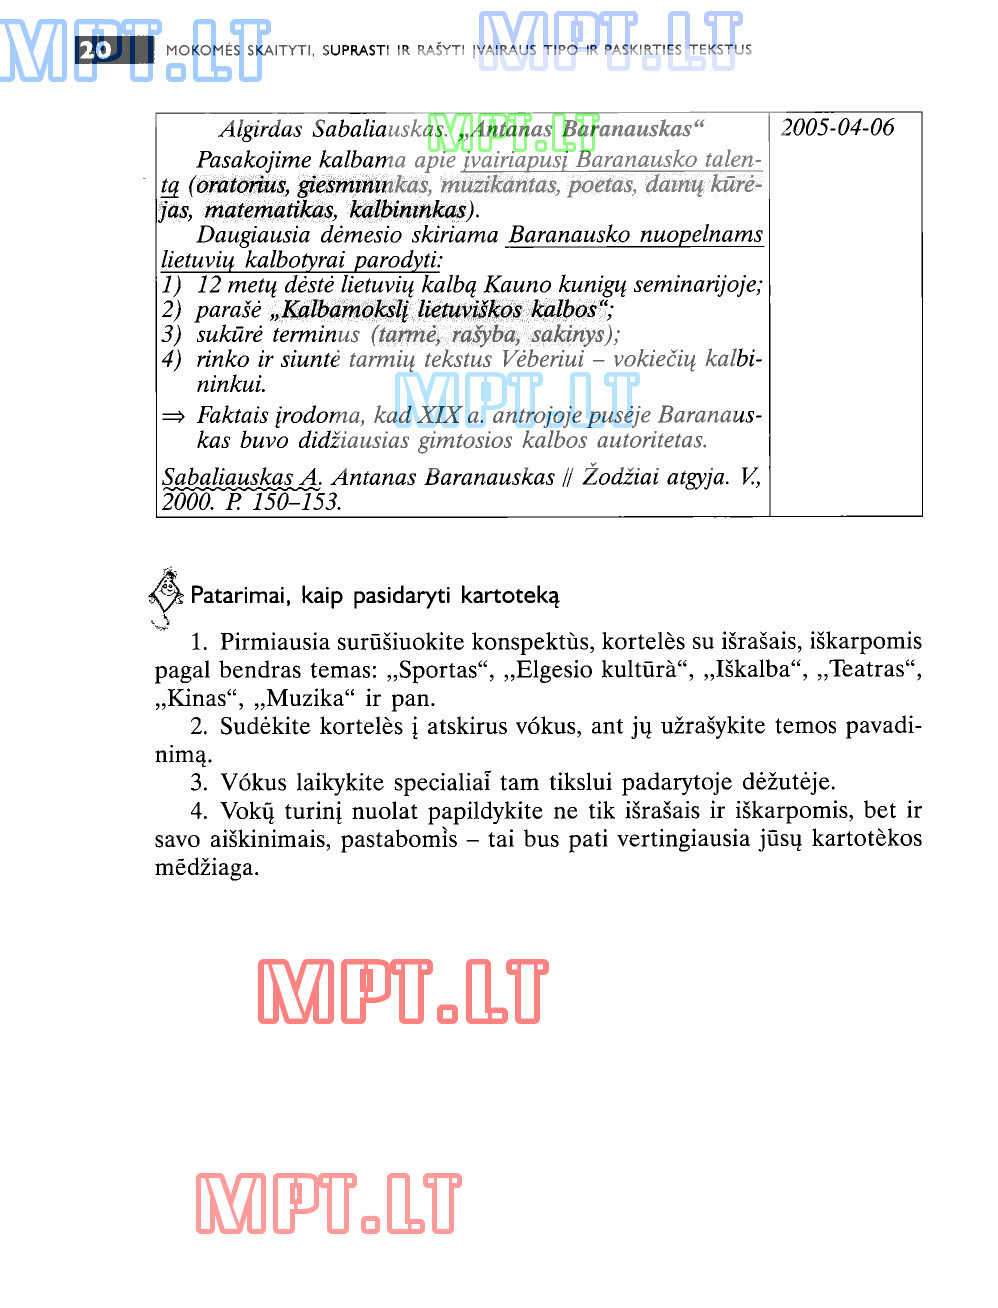 Lietuvių kalba - Kurso konspektas